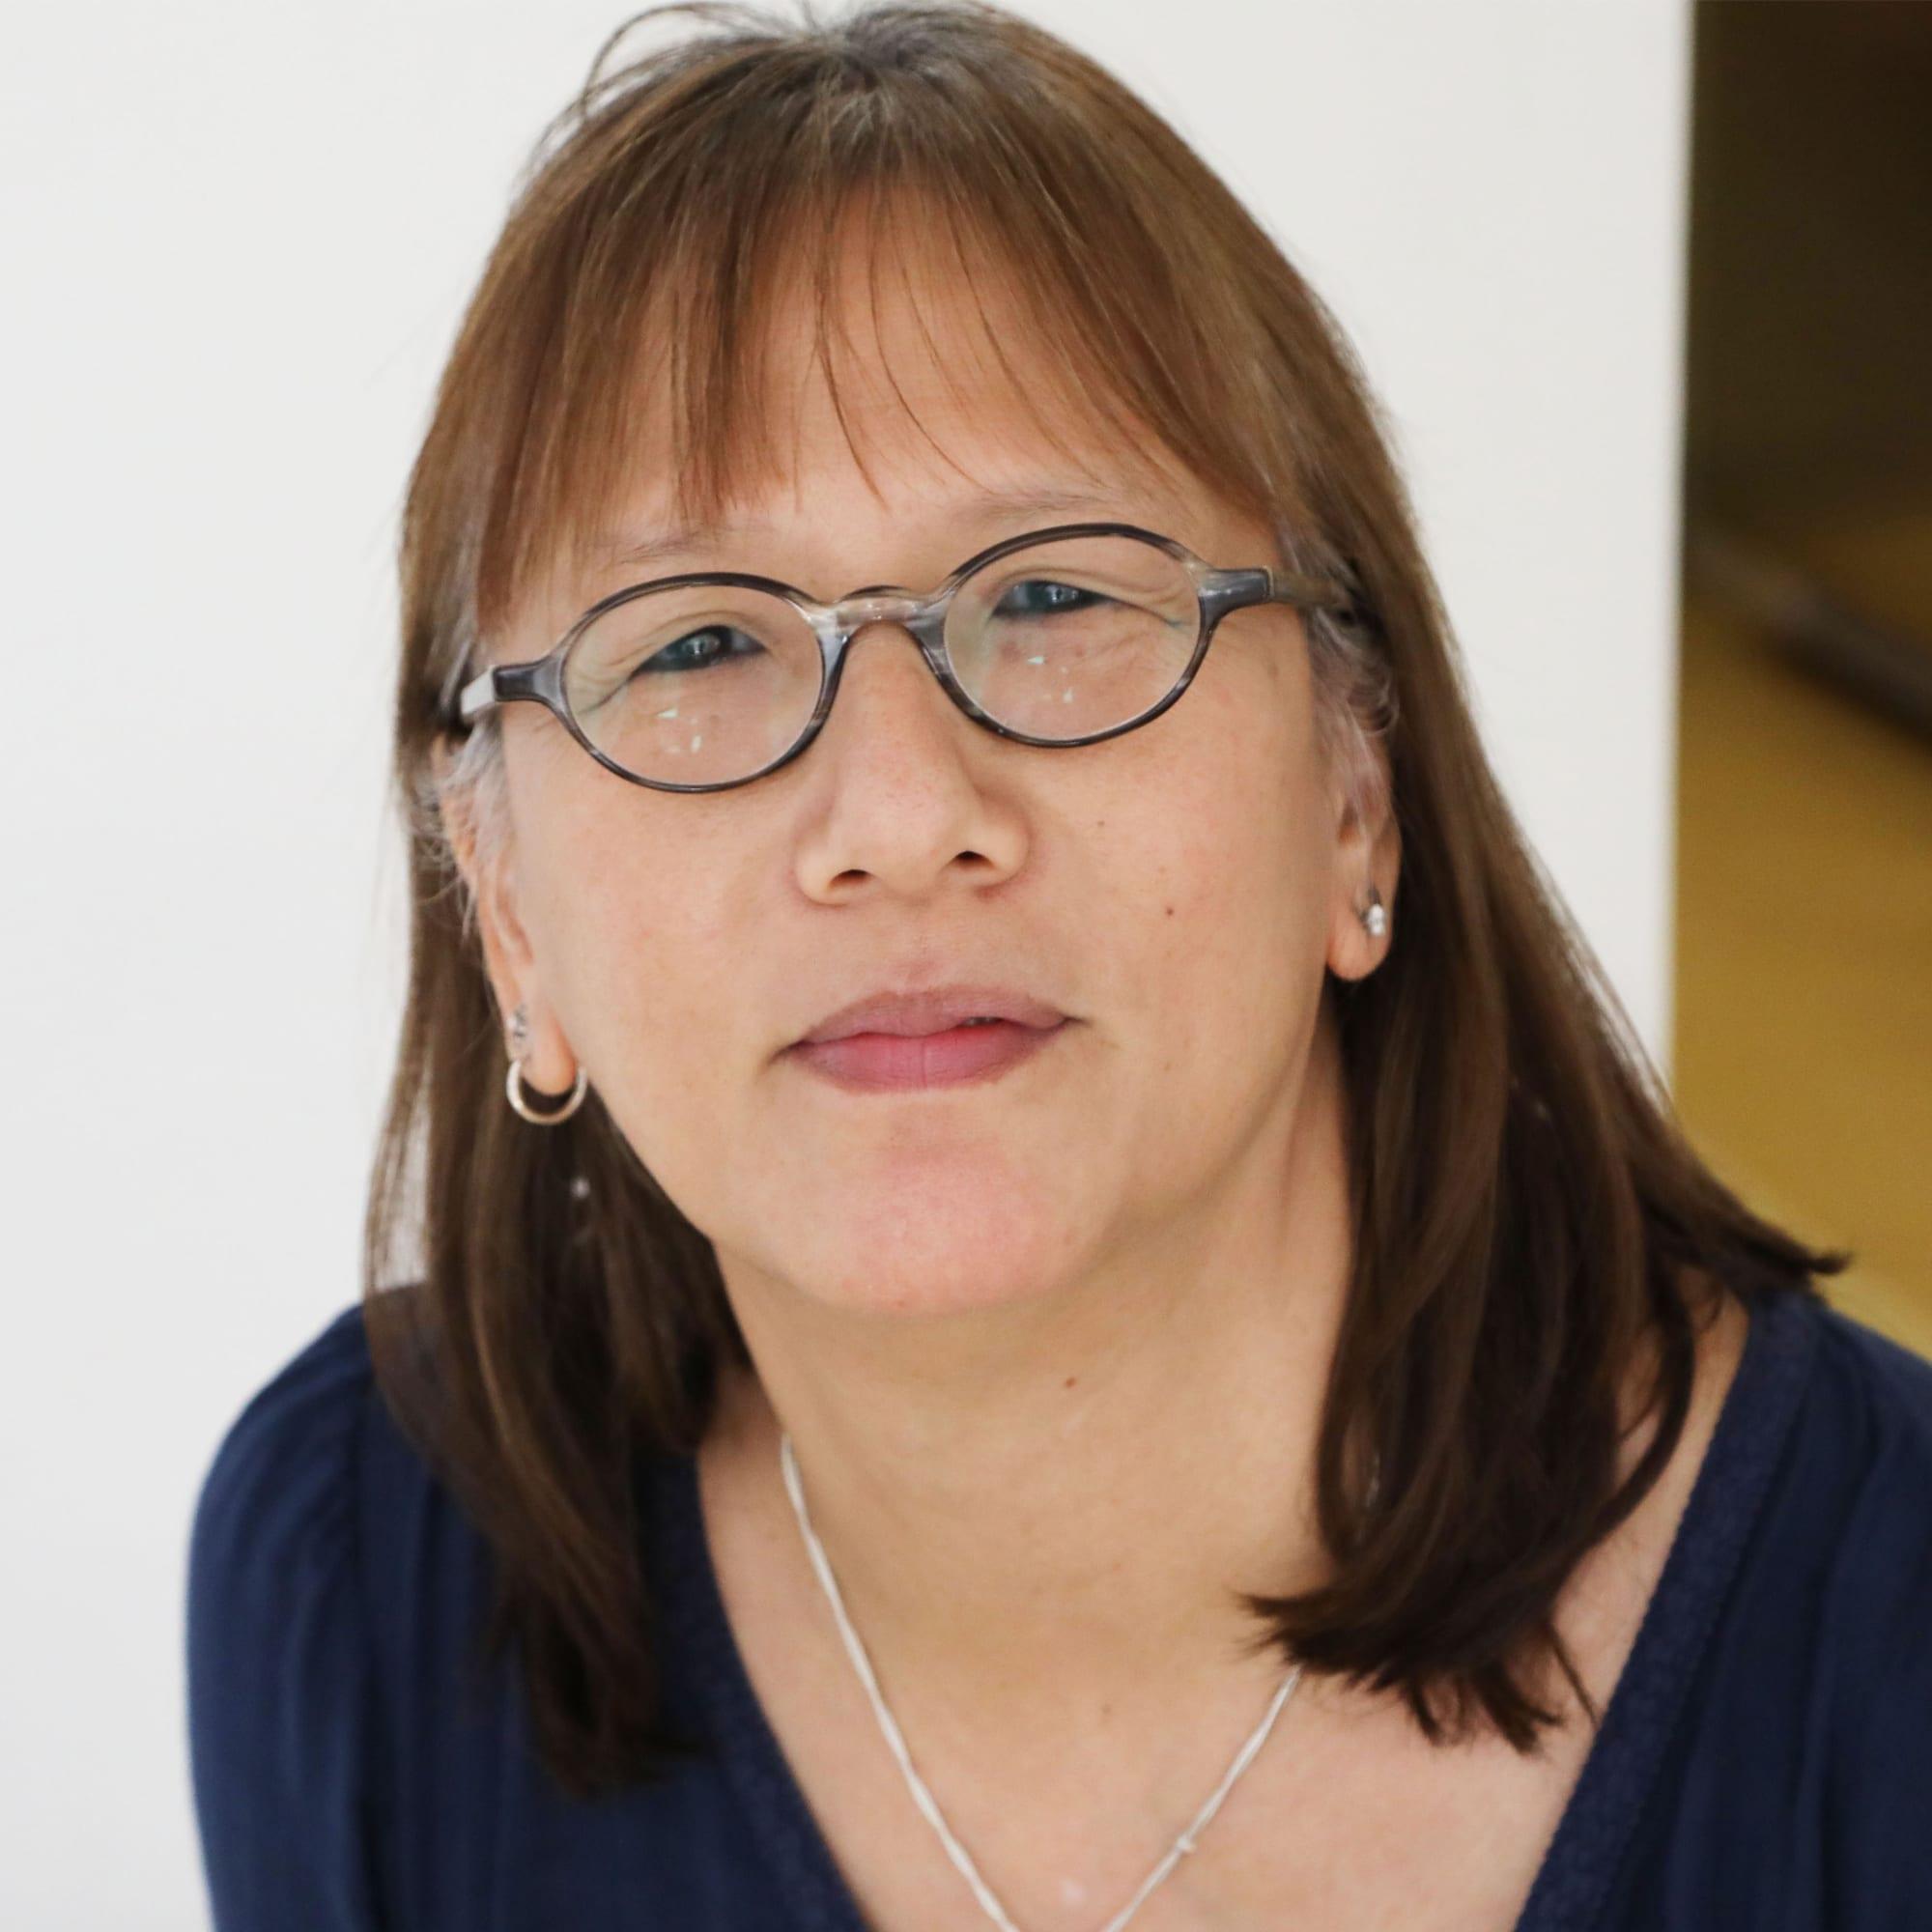 Sharon Fong